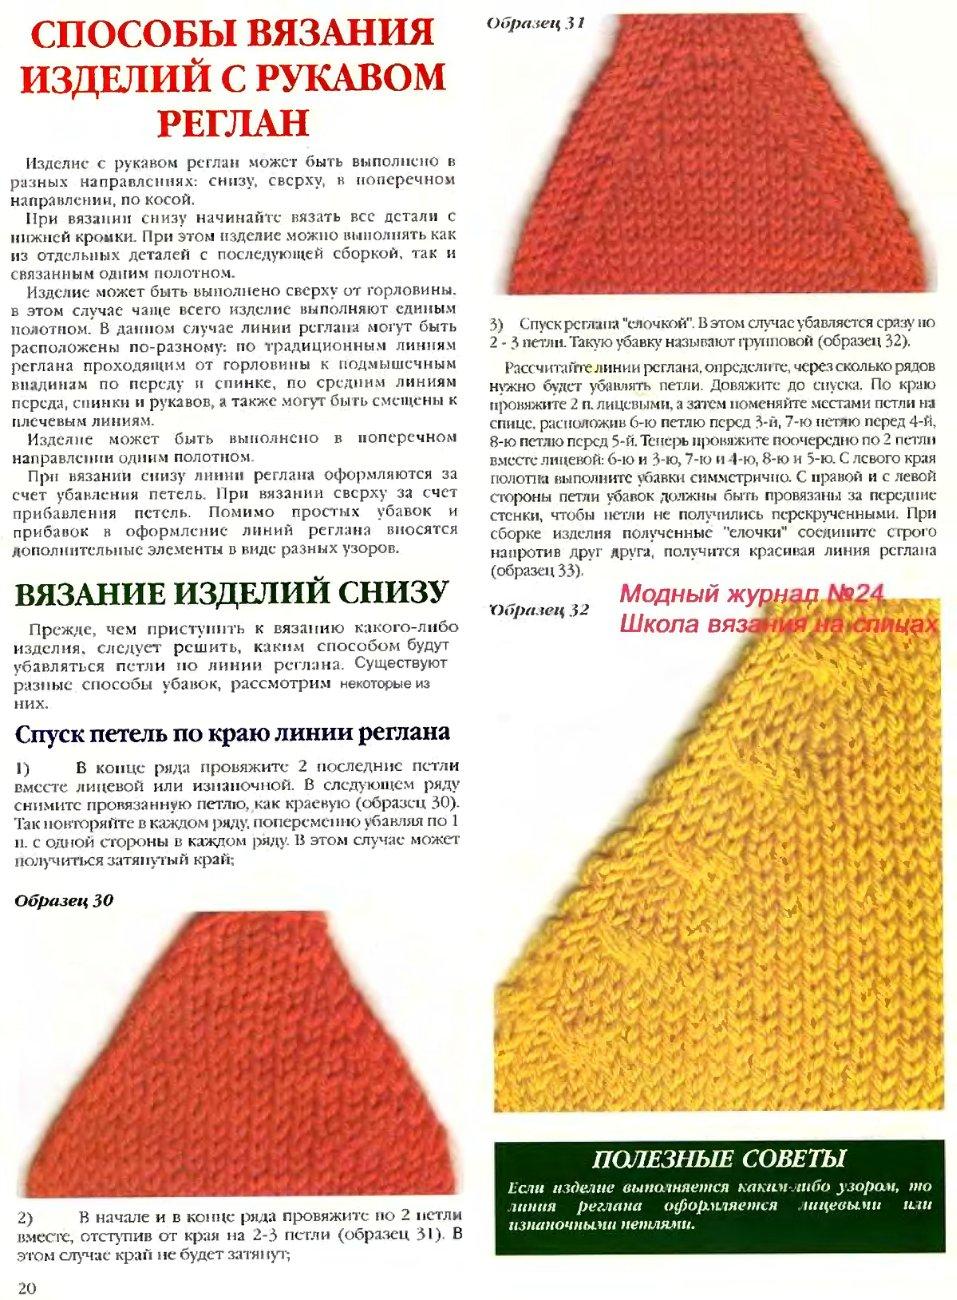 Убавления при вязания реглан 369